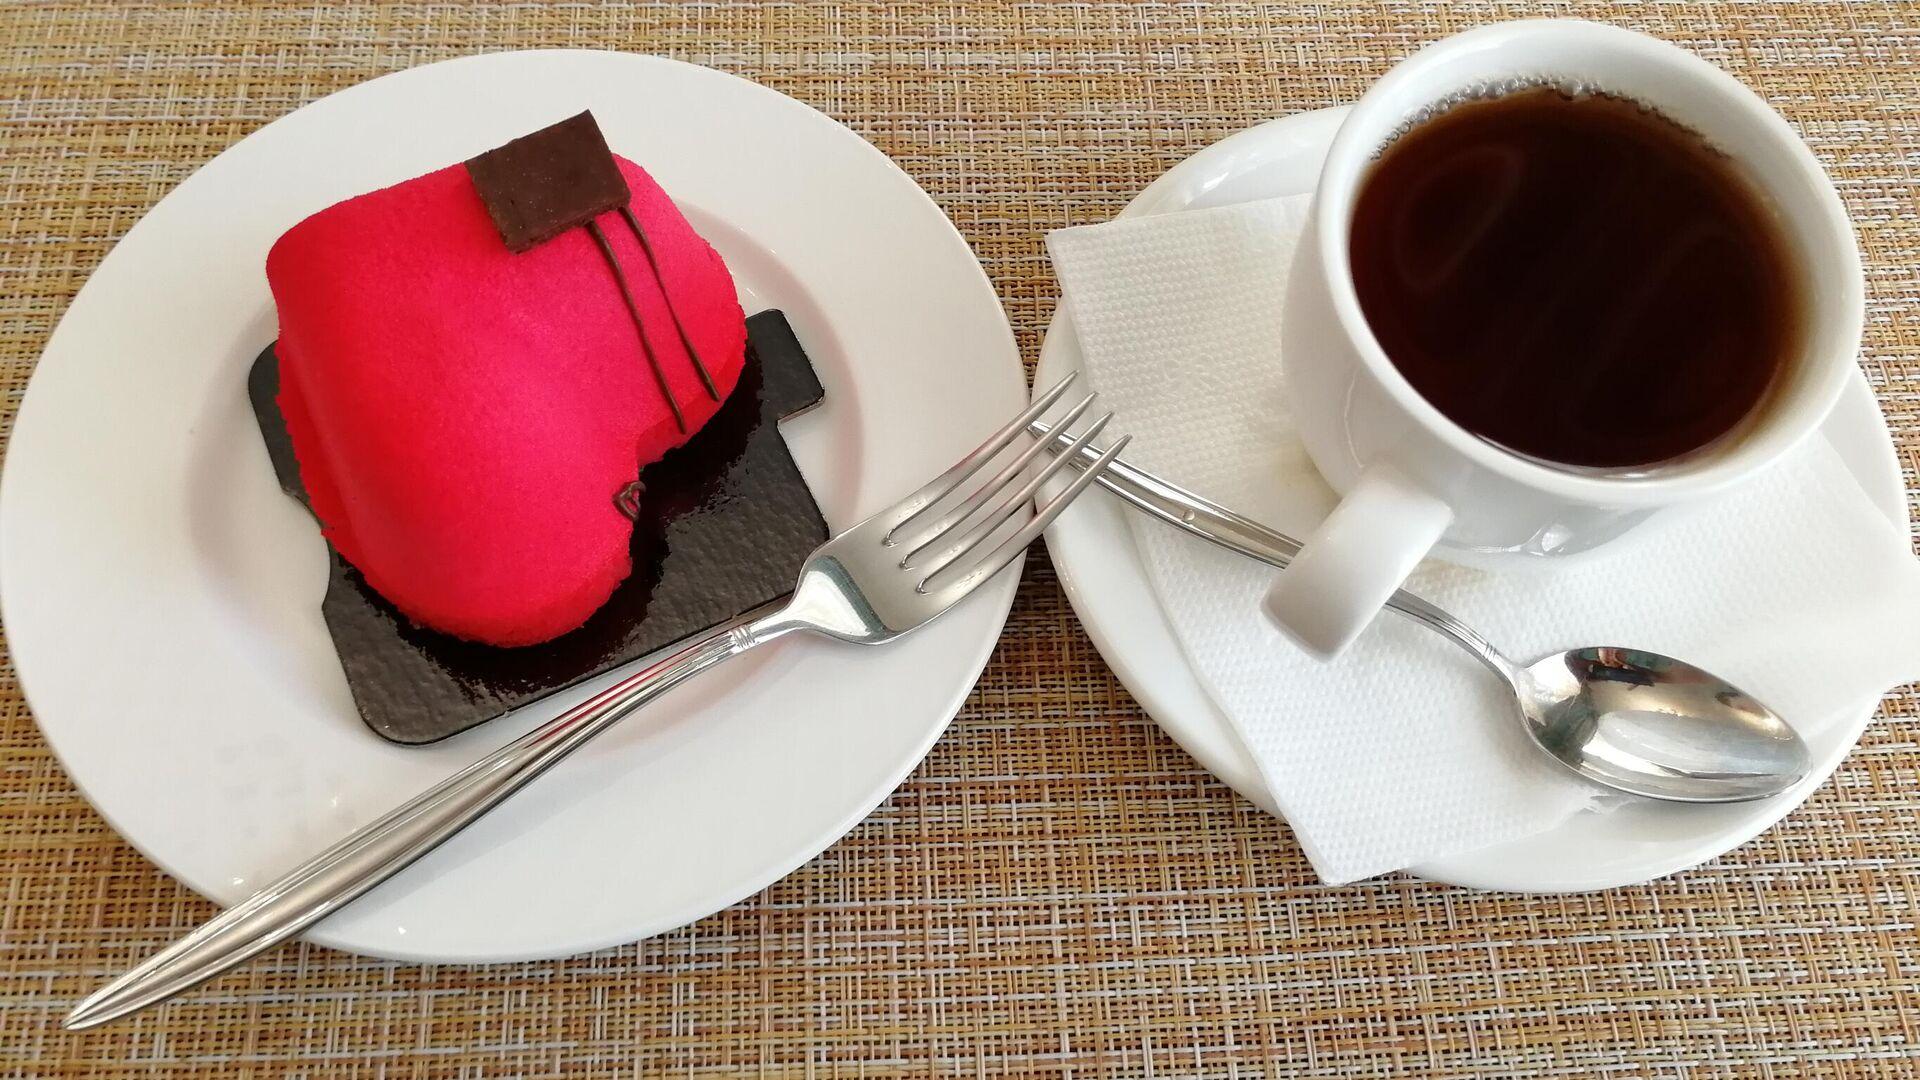 Десерт в кафе гостиницы Пожарских в Торжке - РИА Новости, 1920, 12.06.2021